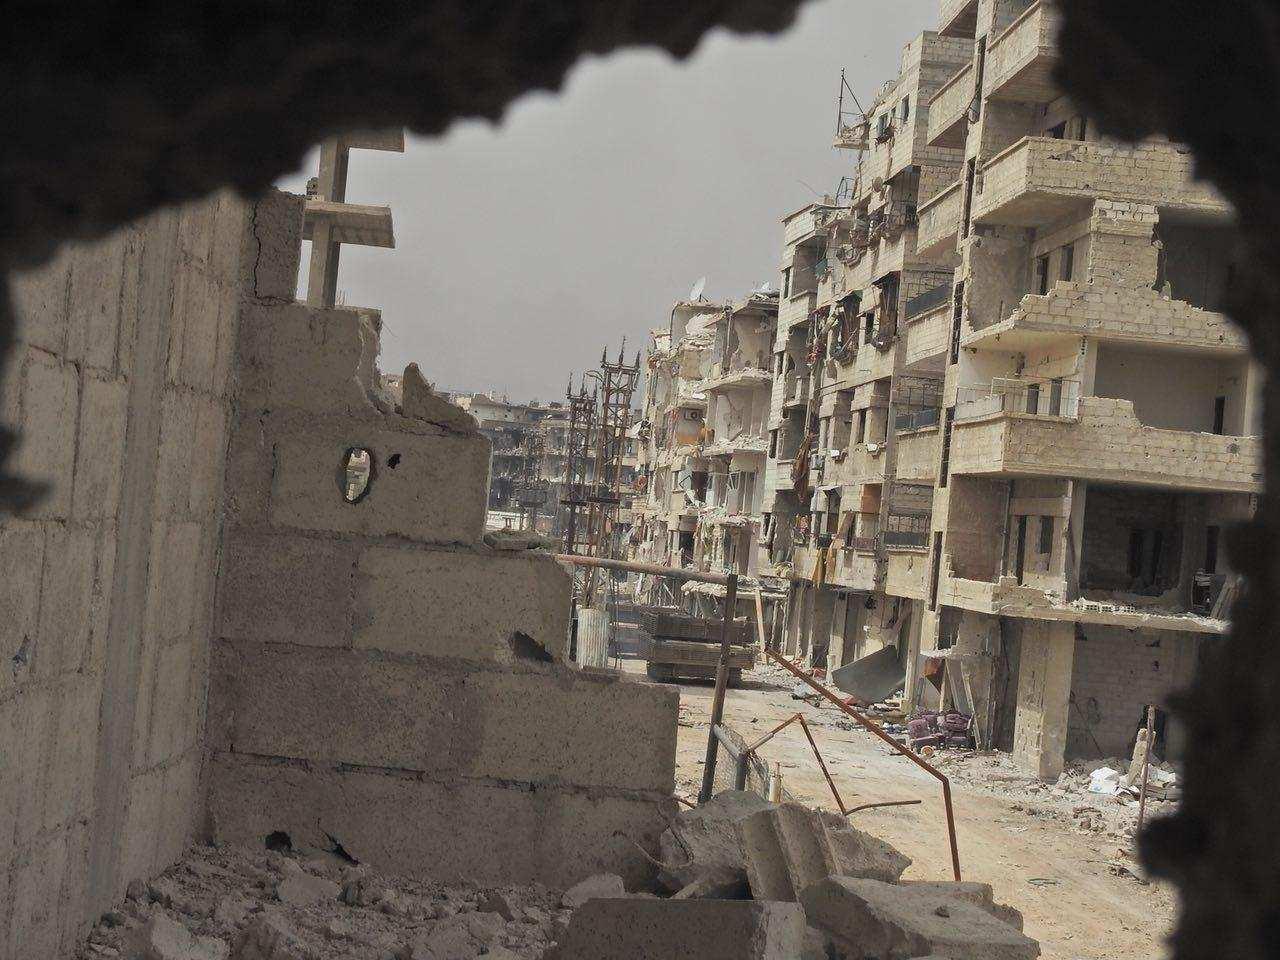 Адские находки в крепости ИГИЛ: Кочующие миномёты, военные мастерские и огромные туннели (ВИДЕО) | Русская весна